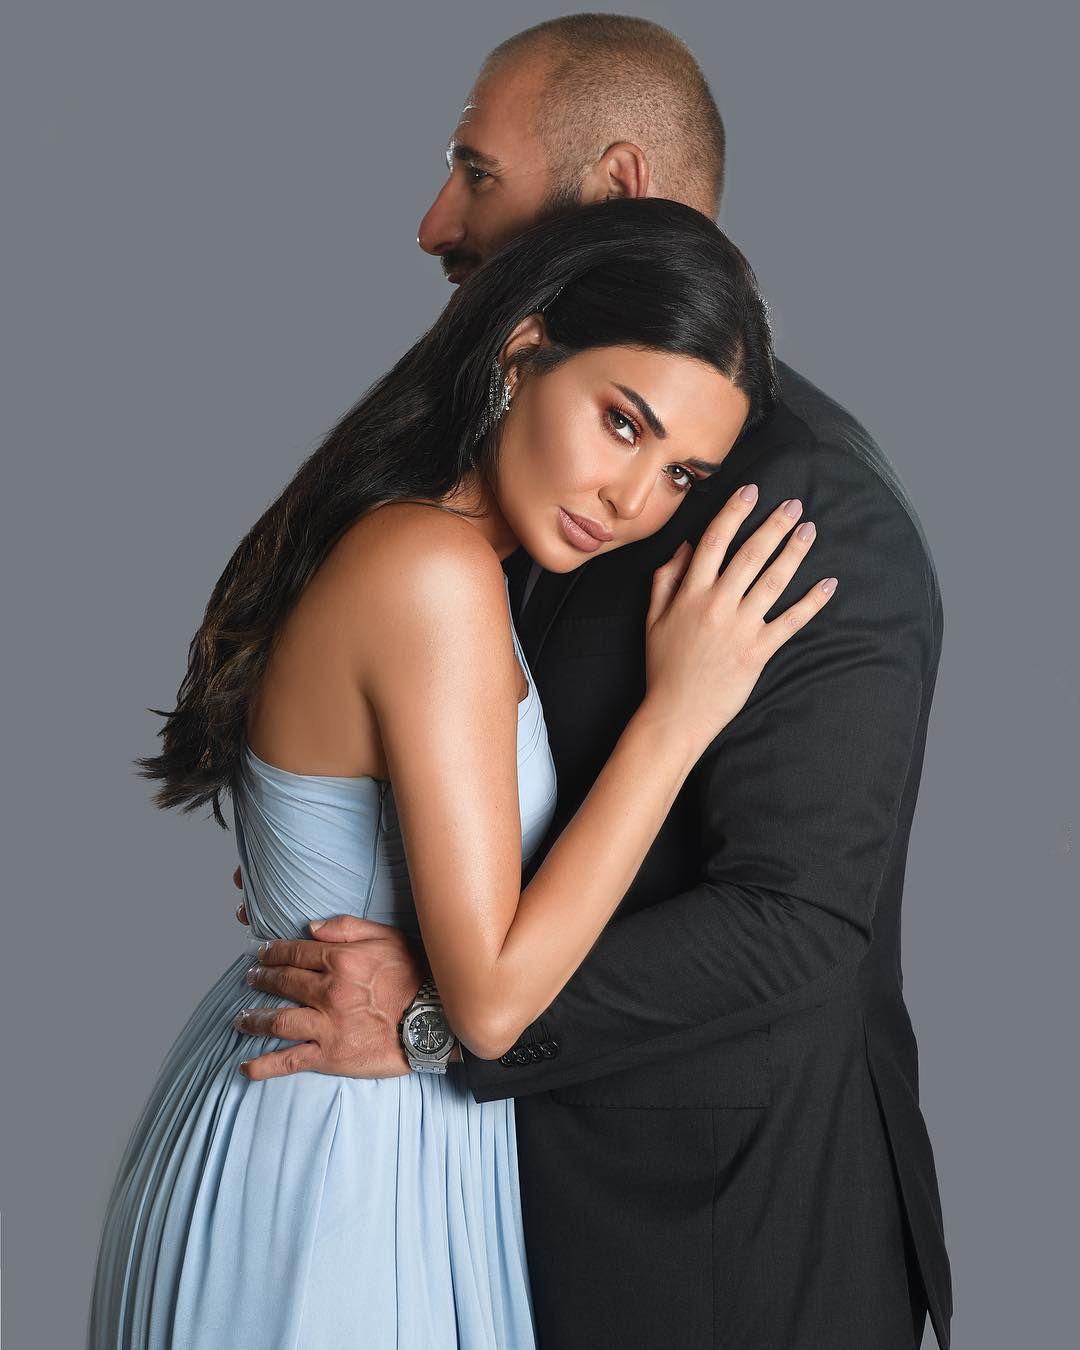 يصعب عليك اختيار هدايا الرجال إليك بعض الأفكار Styly Dresses Celebrities Beauty